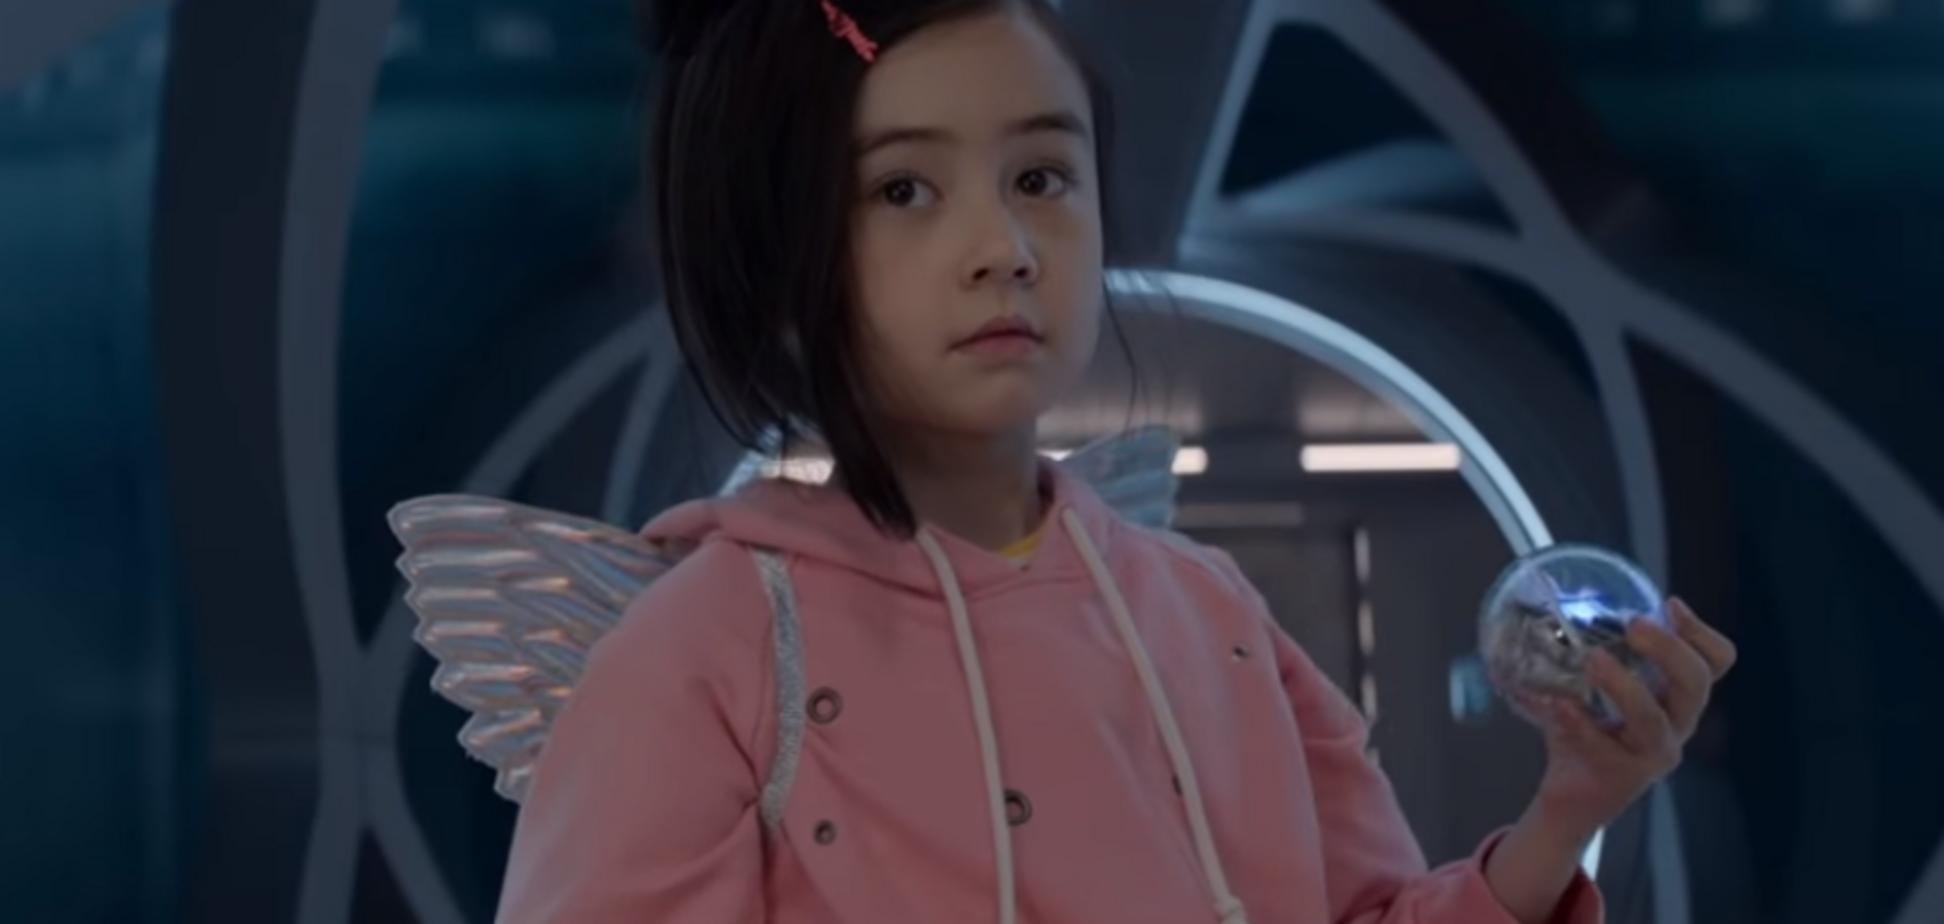 'Мег': трейлер фільму жахів з Джейсоном Стейтемом